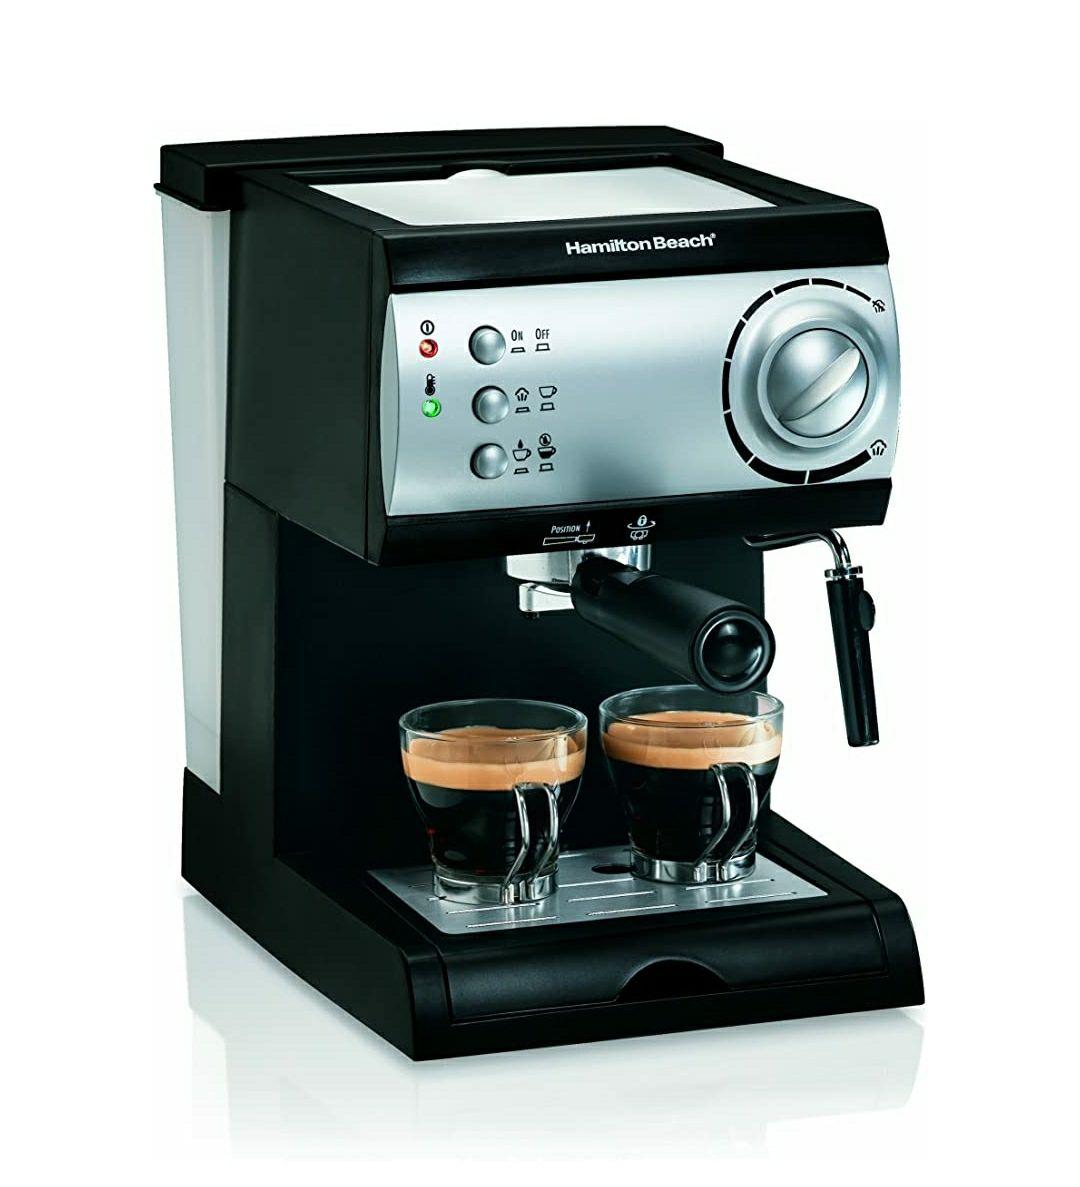 Amazon: Hamilton Beach Cafetera Espresso, 2 Tazas, Cappuccino, Mocha y Latte